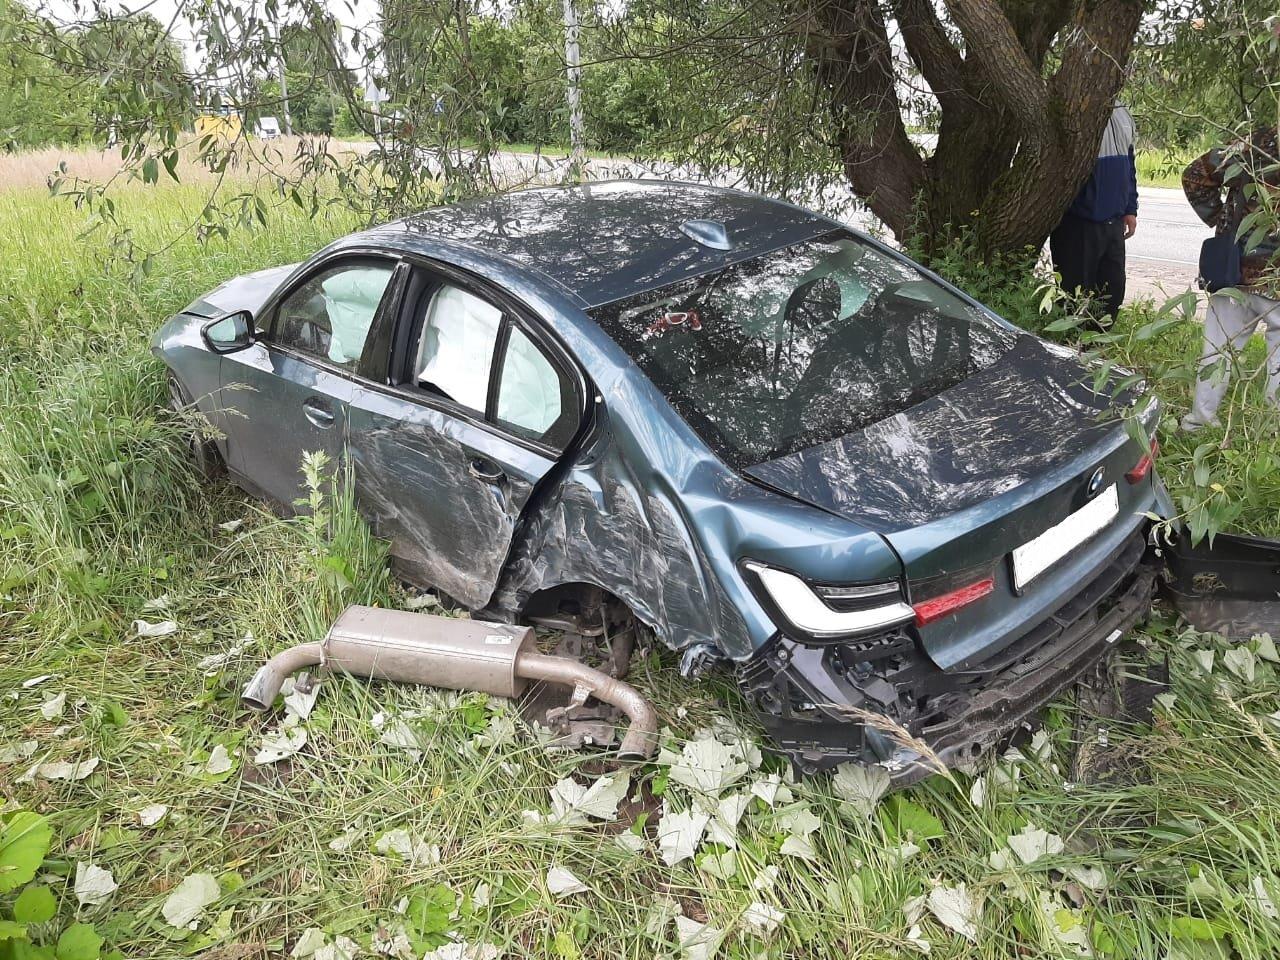 Сводка дорожно-транспортных происшествий в Сергиевом Посаде с 17 по 24 июля 2020 года, фото-1